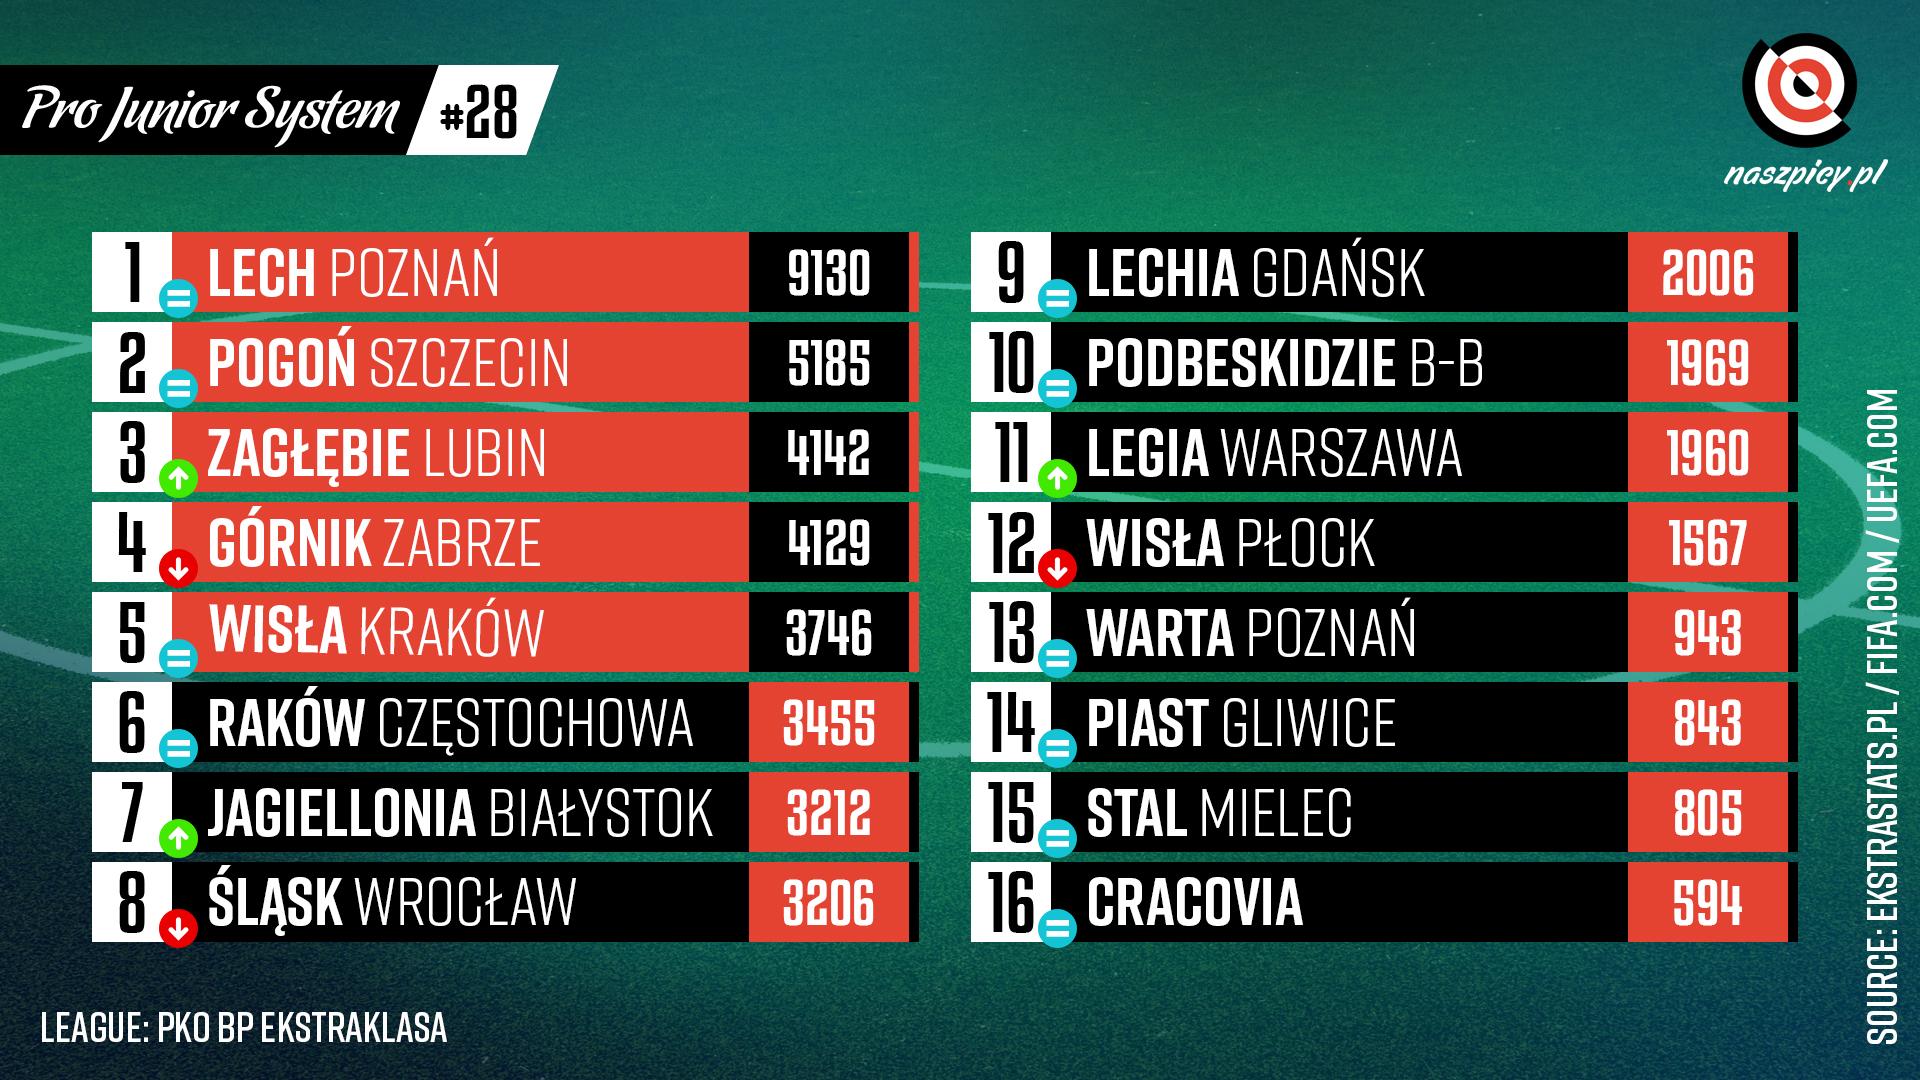 Punktacja Pro Junior System po 28. kolejce PKO Ekstraklasy<br><br>Źródło: Opracowanie własne na podstawie ekstrastats.pl<br><br>graf. Bartosz Urban